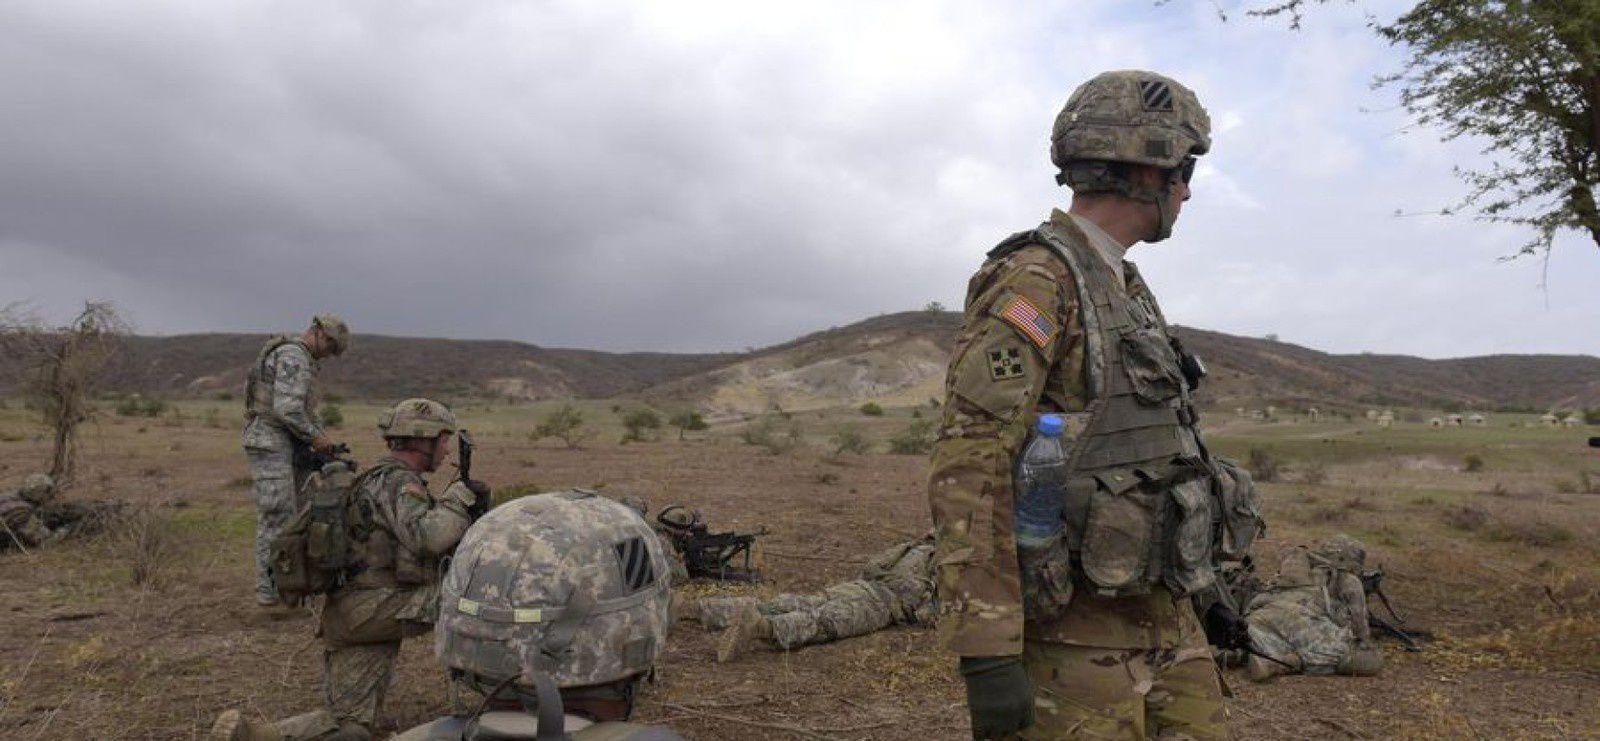 L'Armée des Etats-Unis d'Amérique est partout en Afrique alors qu'elle n'est pas en guerre en Afrique (SCF)